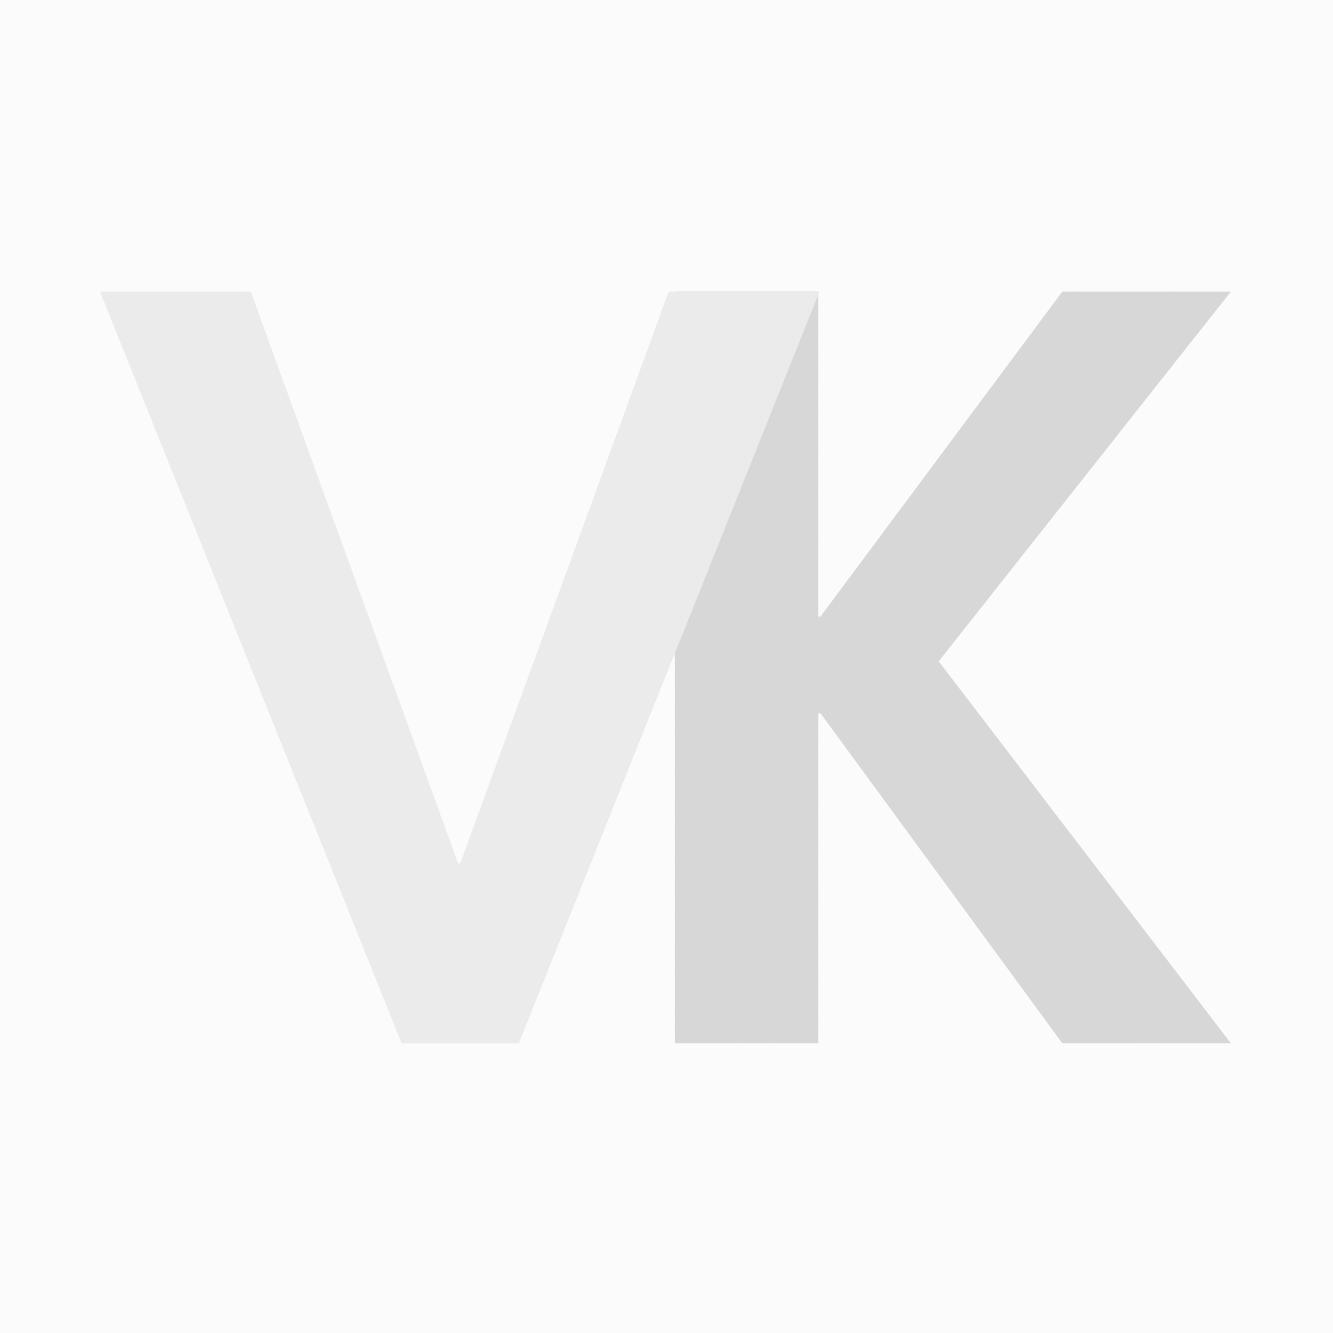 Cera Wandbar Conische Krultang 19 tot 32 mm